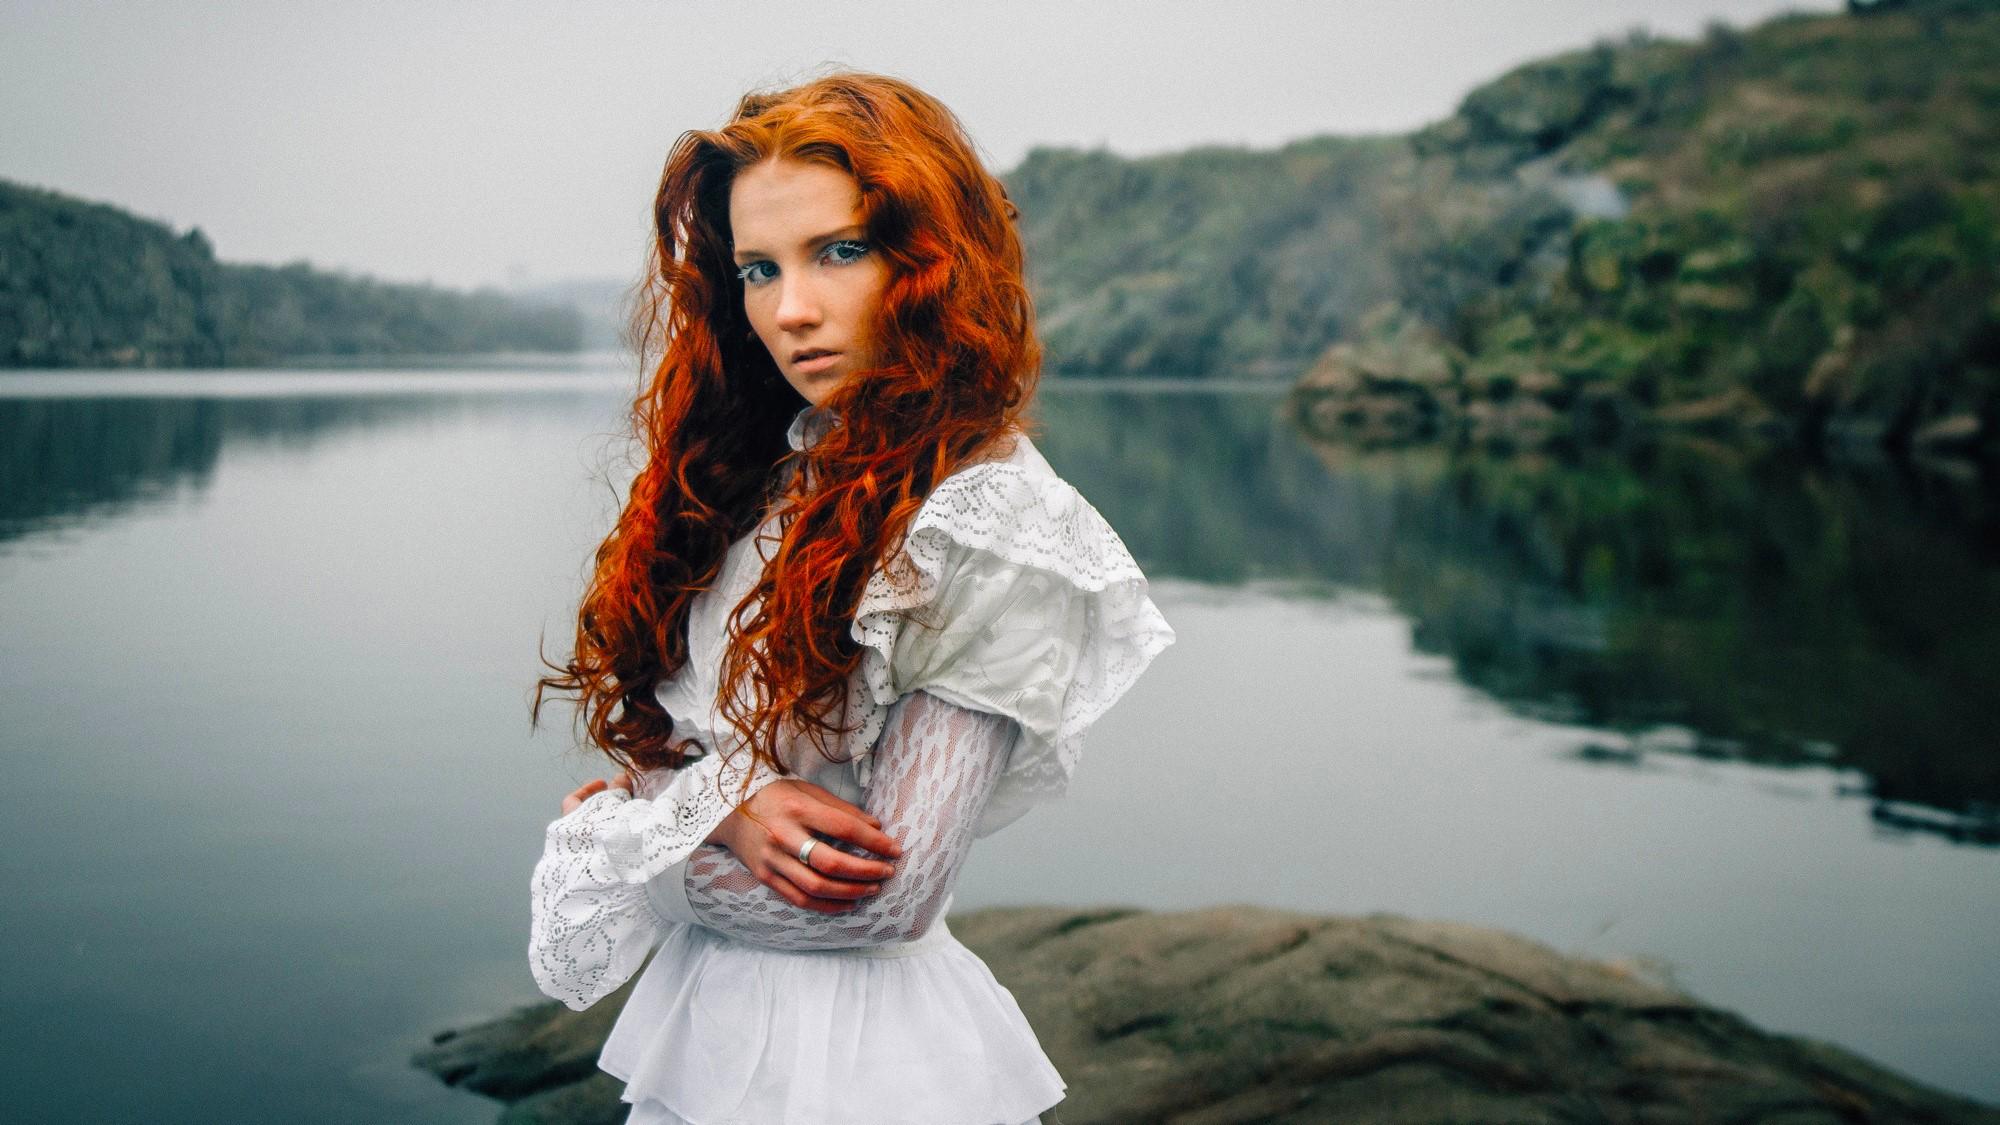 чтобы выяснить рыжая девушка наряды волосами часто женщины